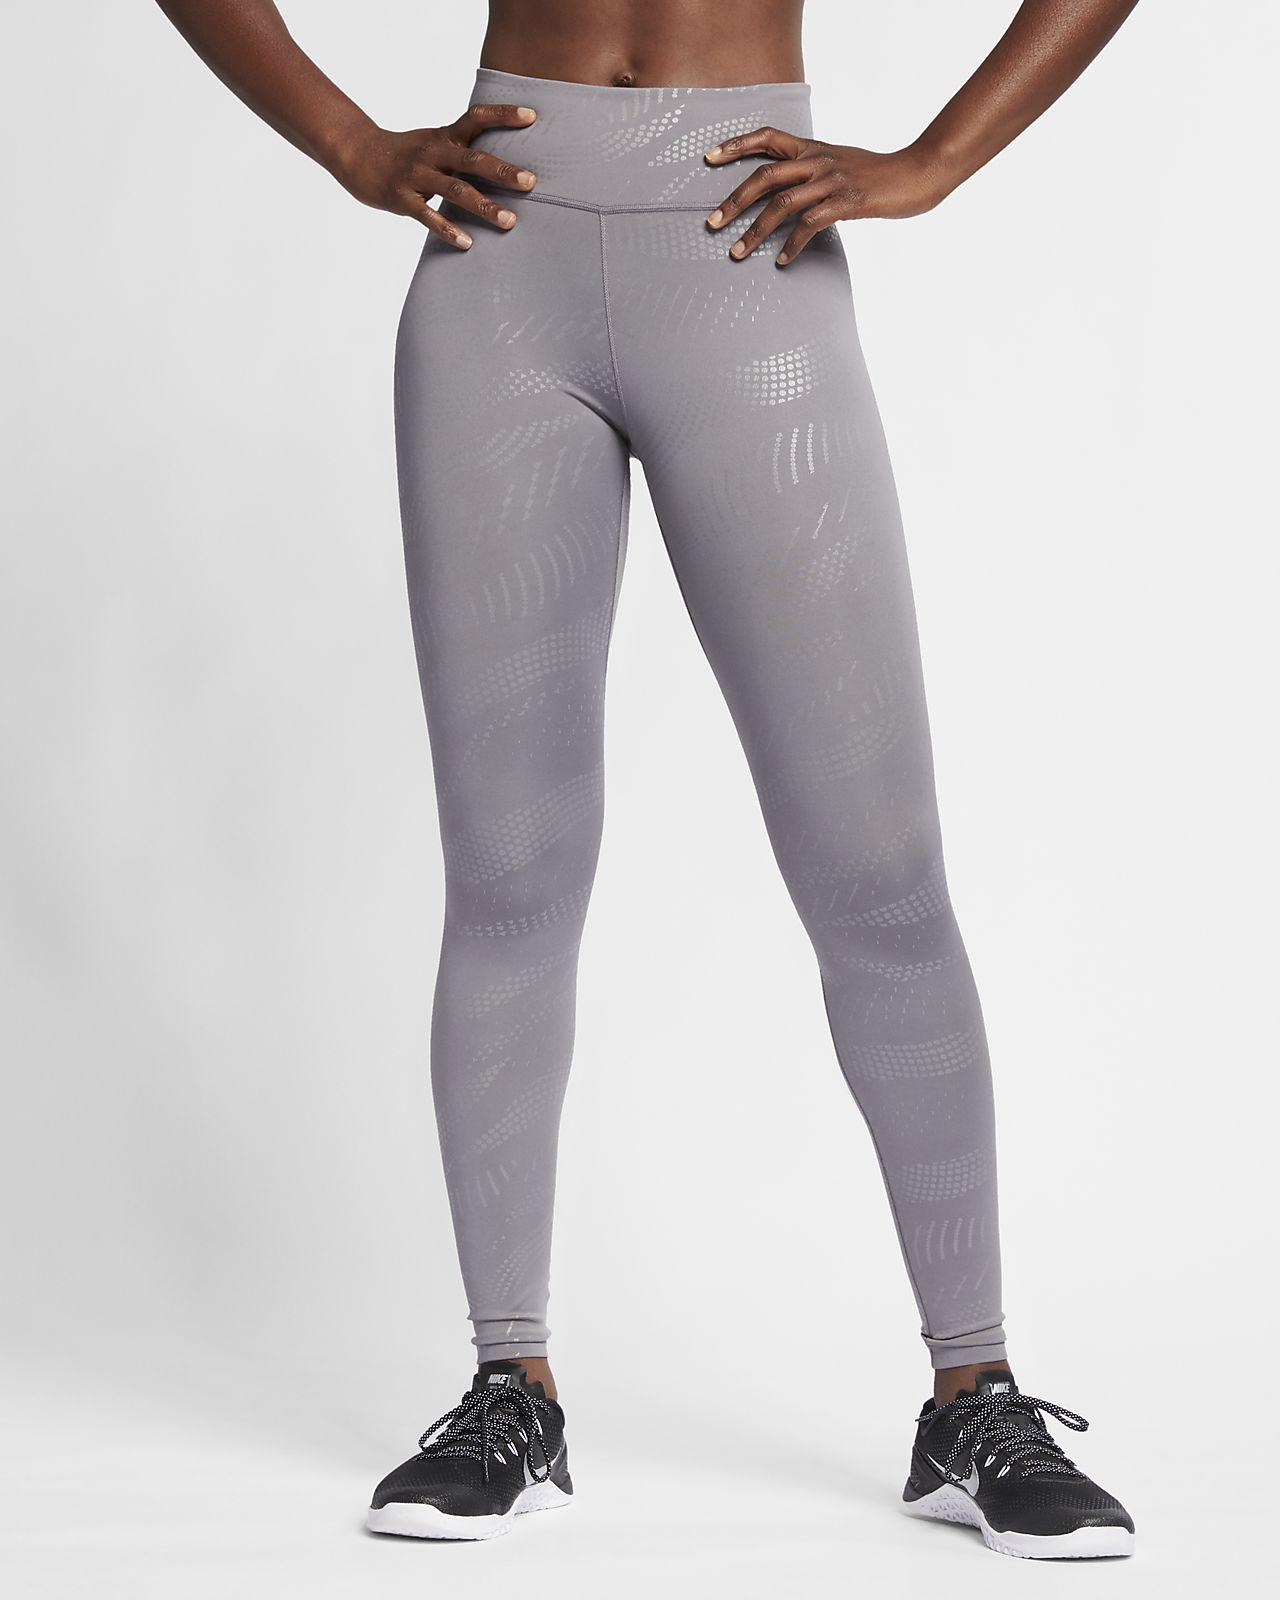 Nike One mønstret tights til dame